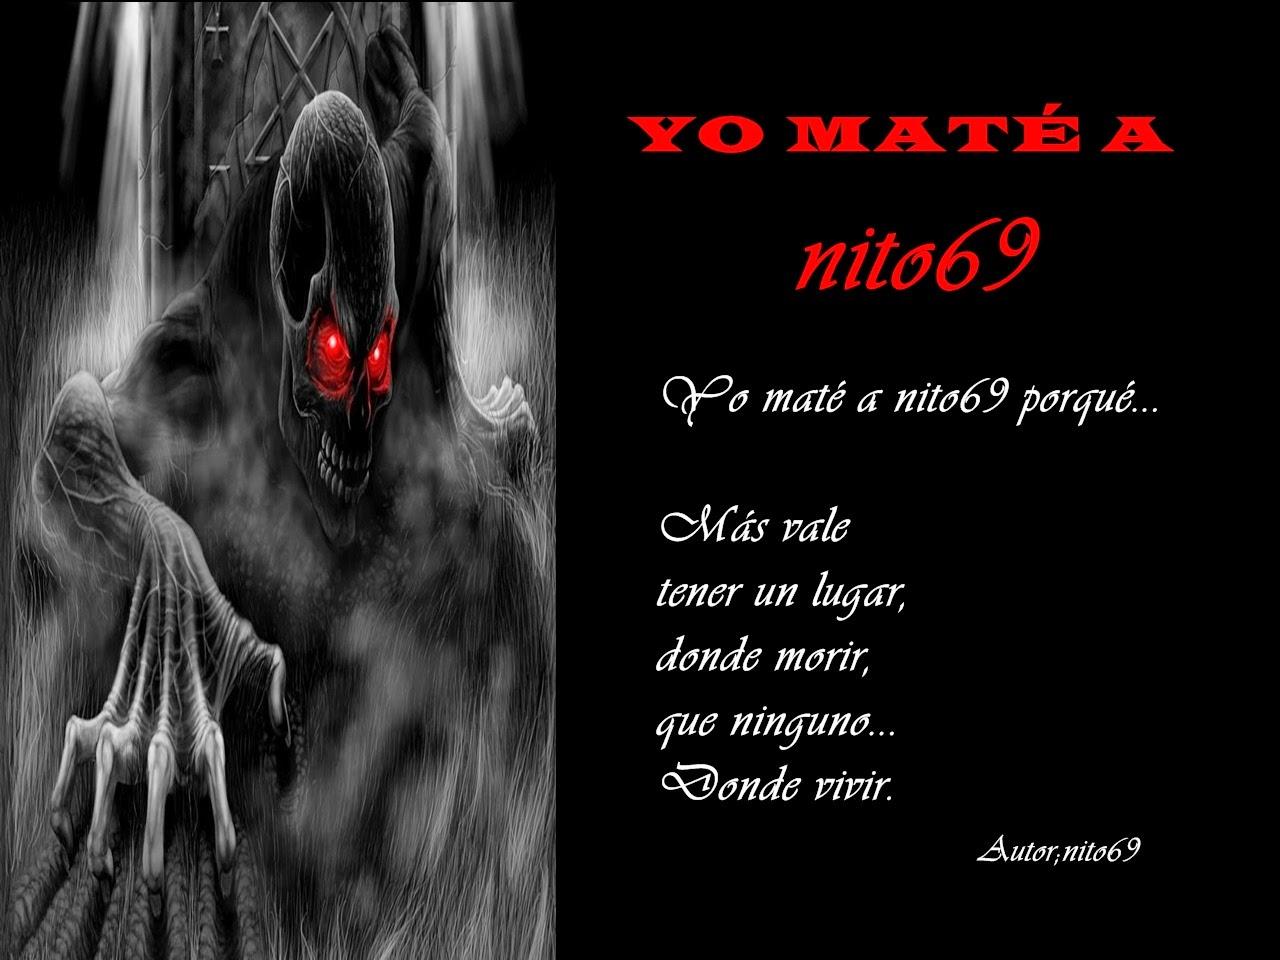 YO MATÉ A nito69